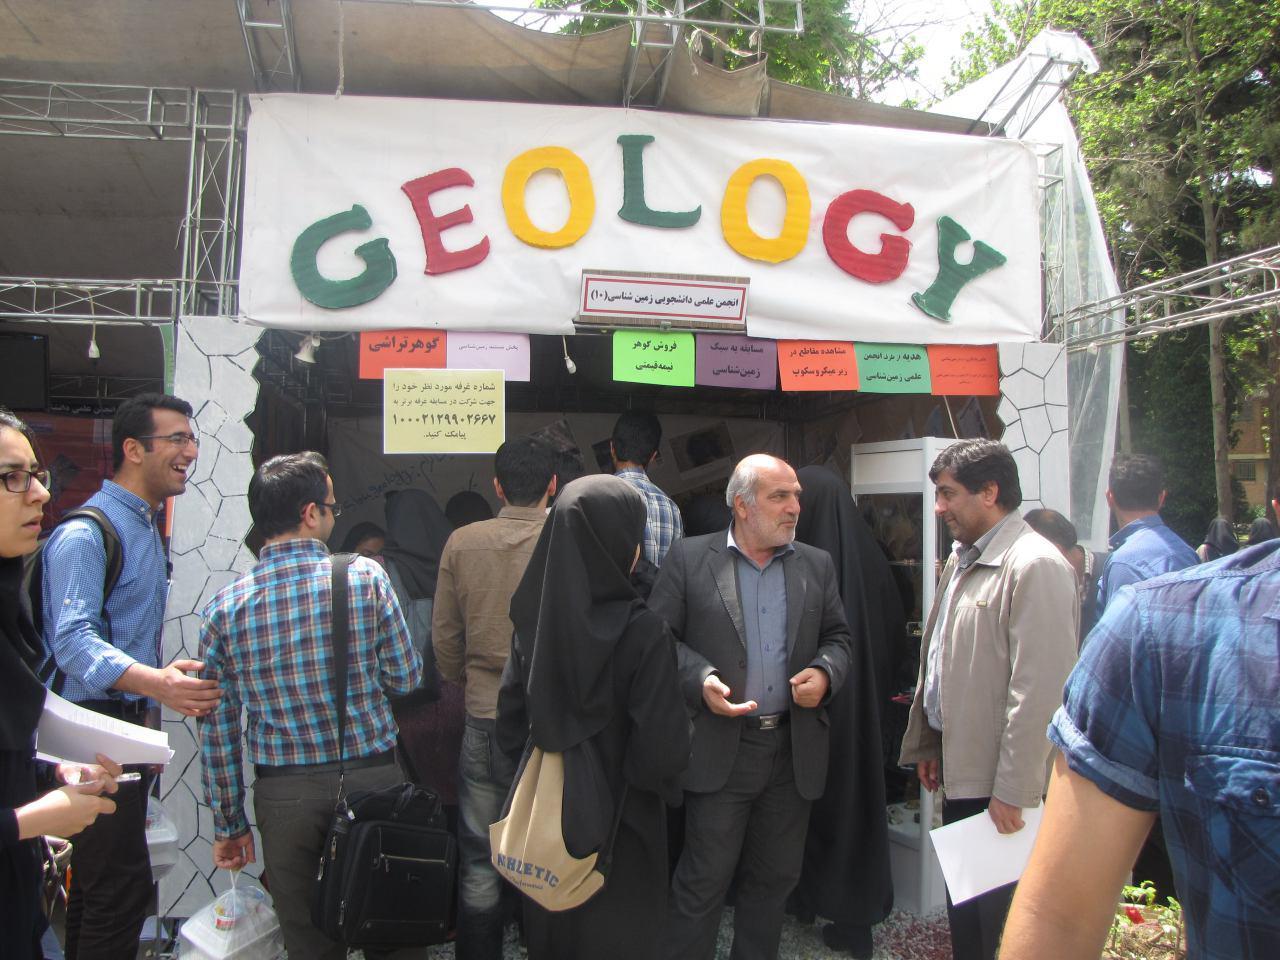 جشنواره حرکت، انجمن علمی زمین شناسی